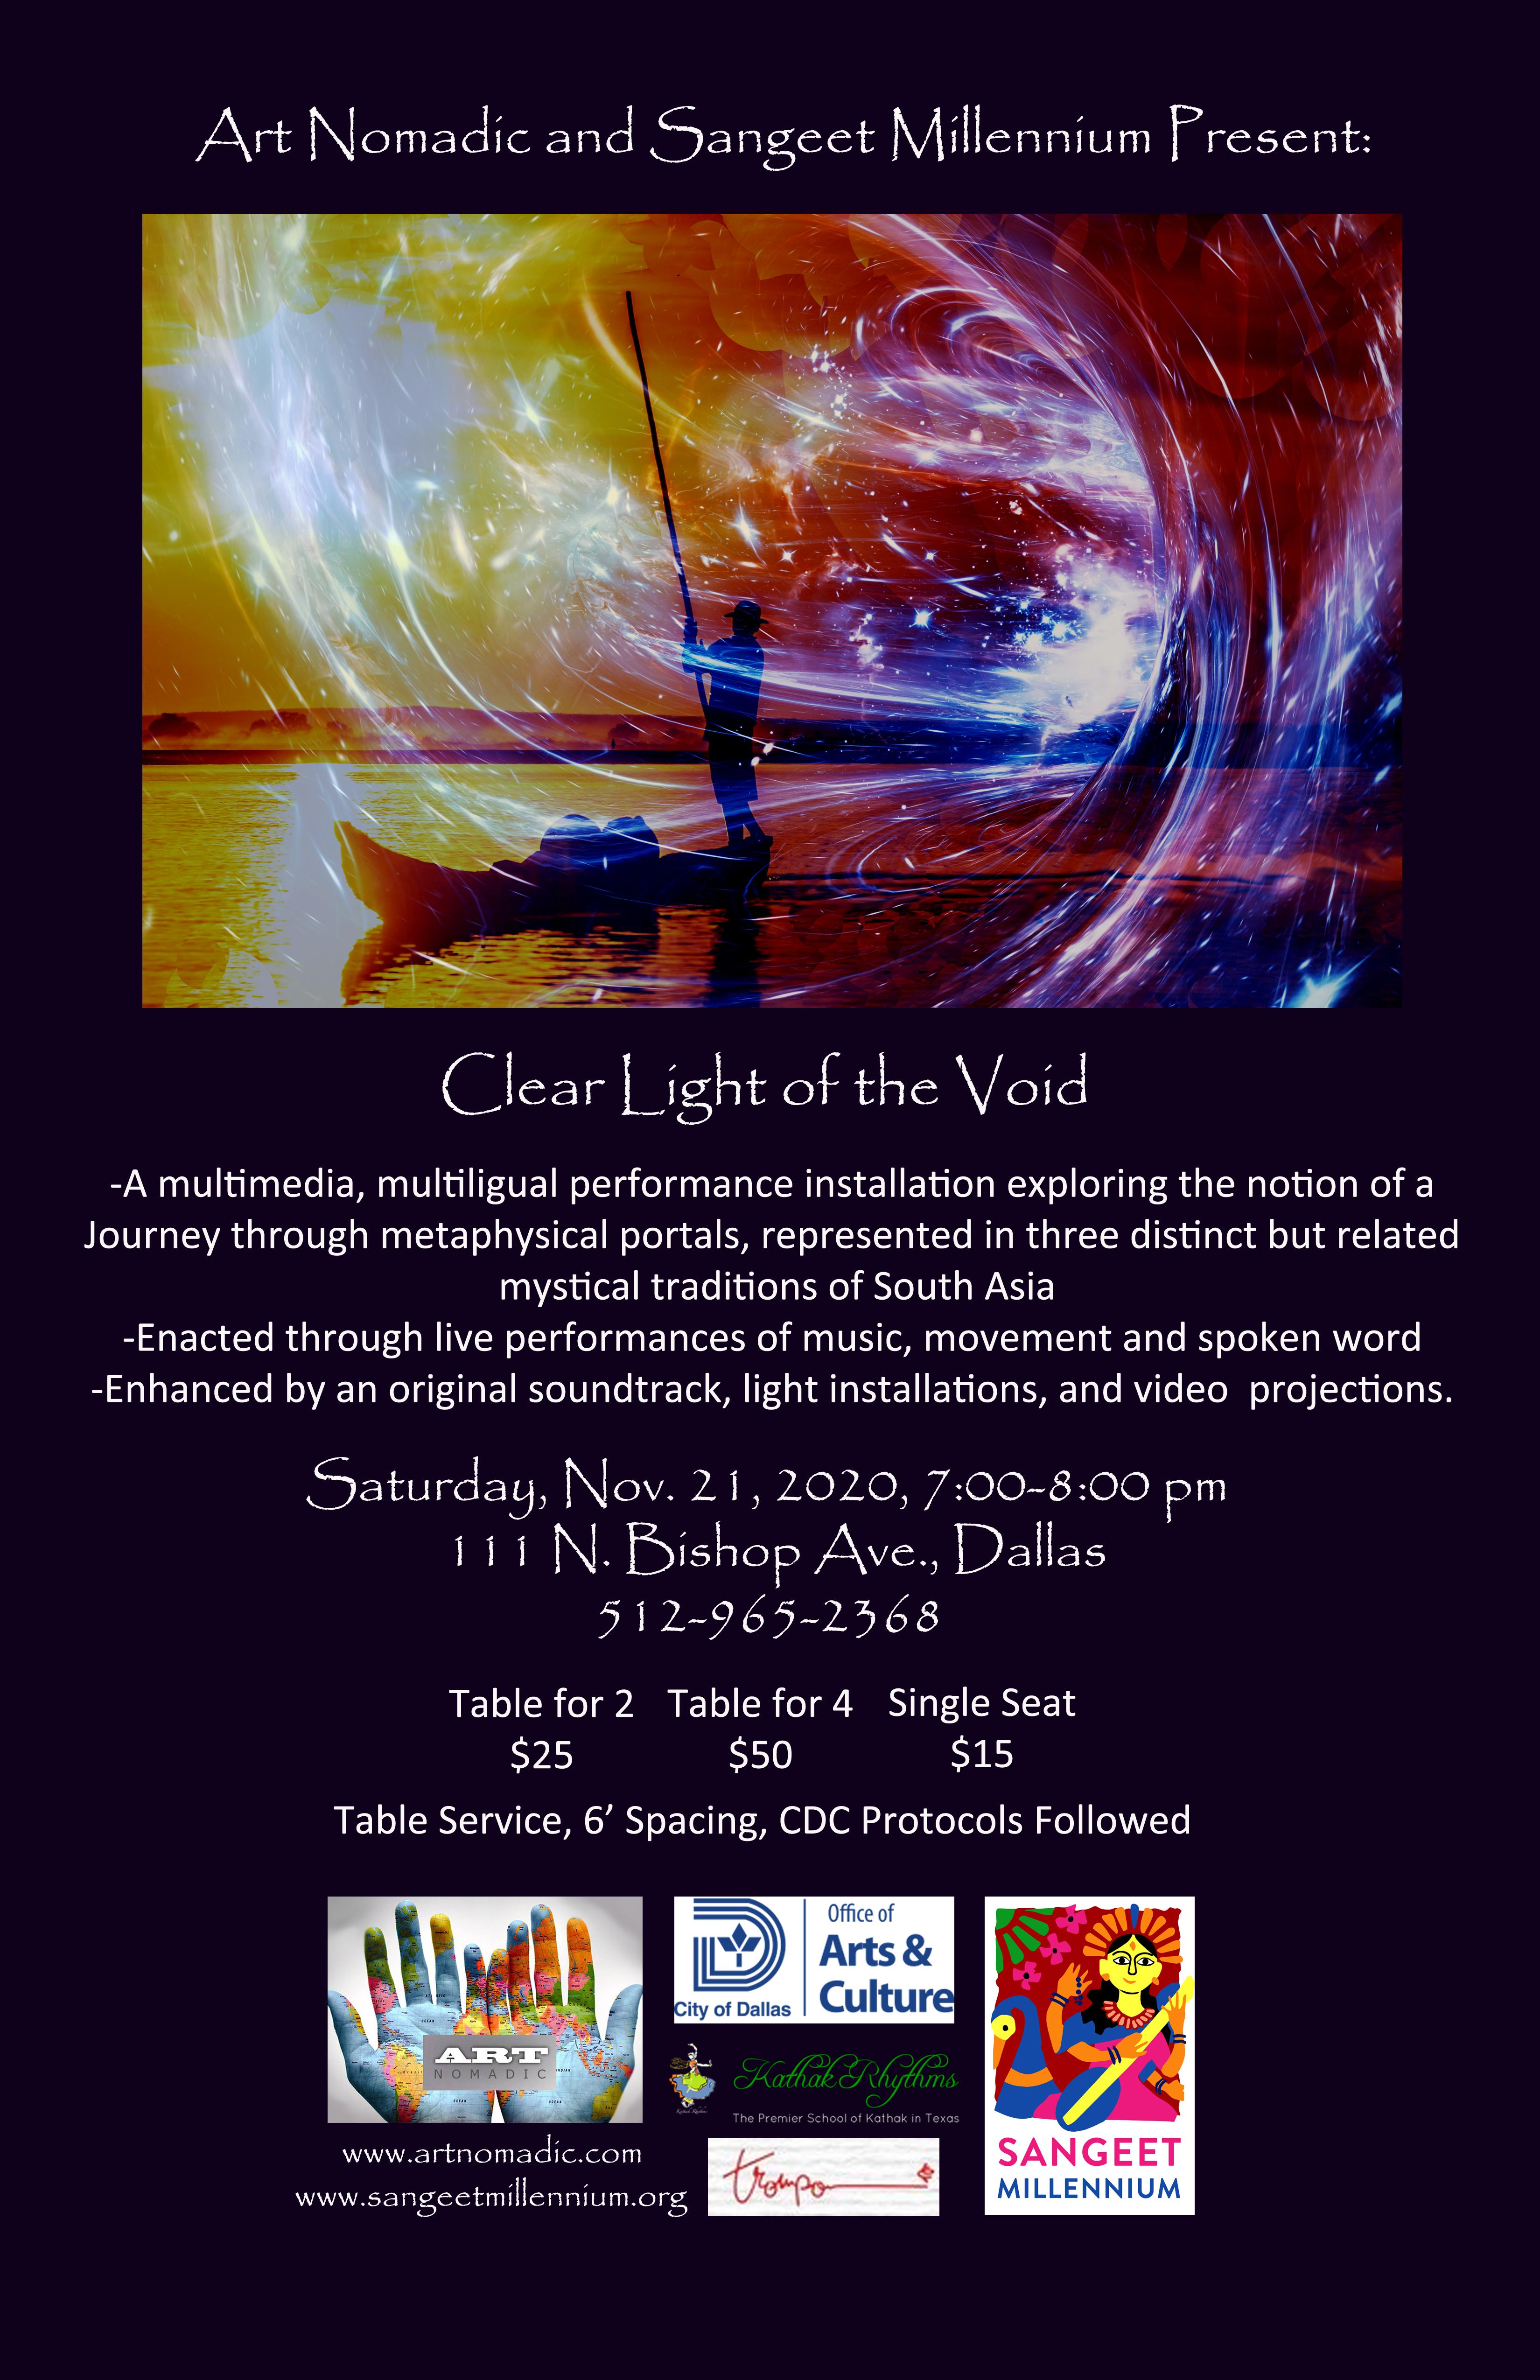 Event organizer calendar graphic